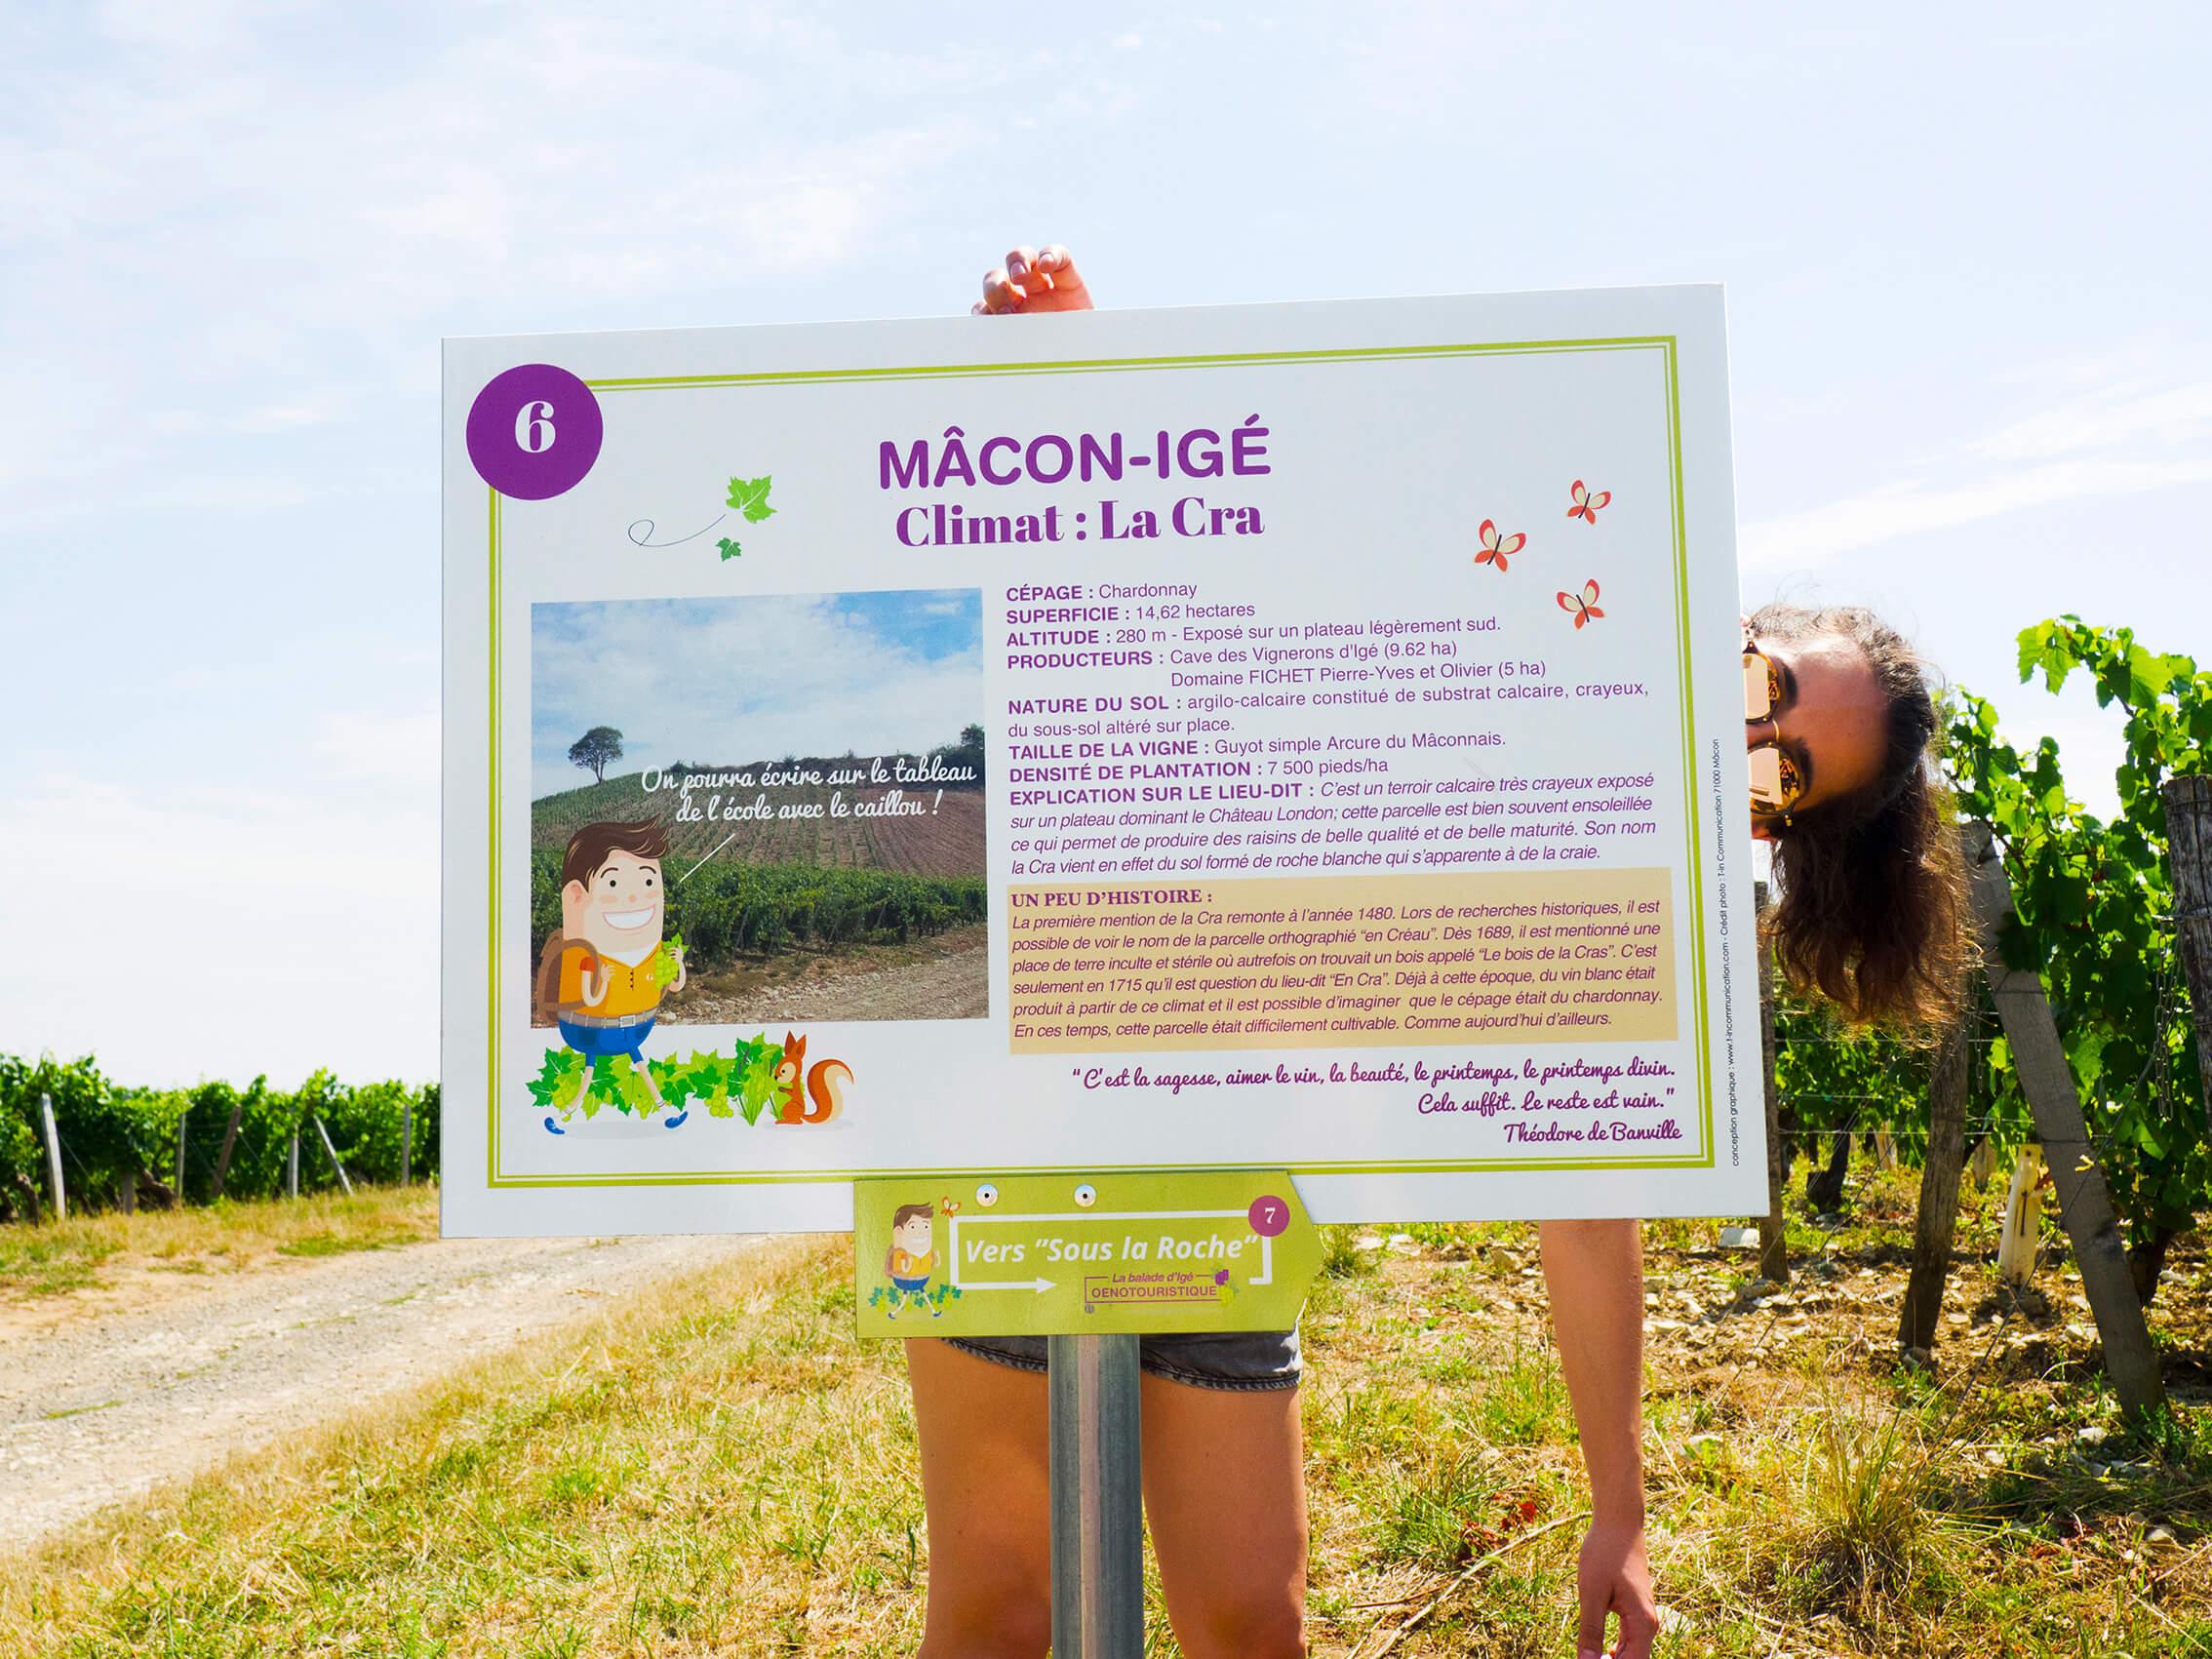 """Panneau explicatif sur le vin provenant du climat """"La Cra"""""""